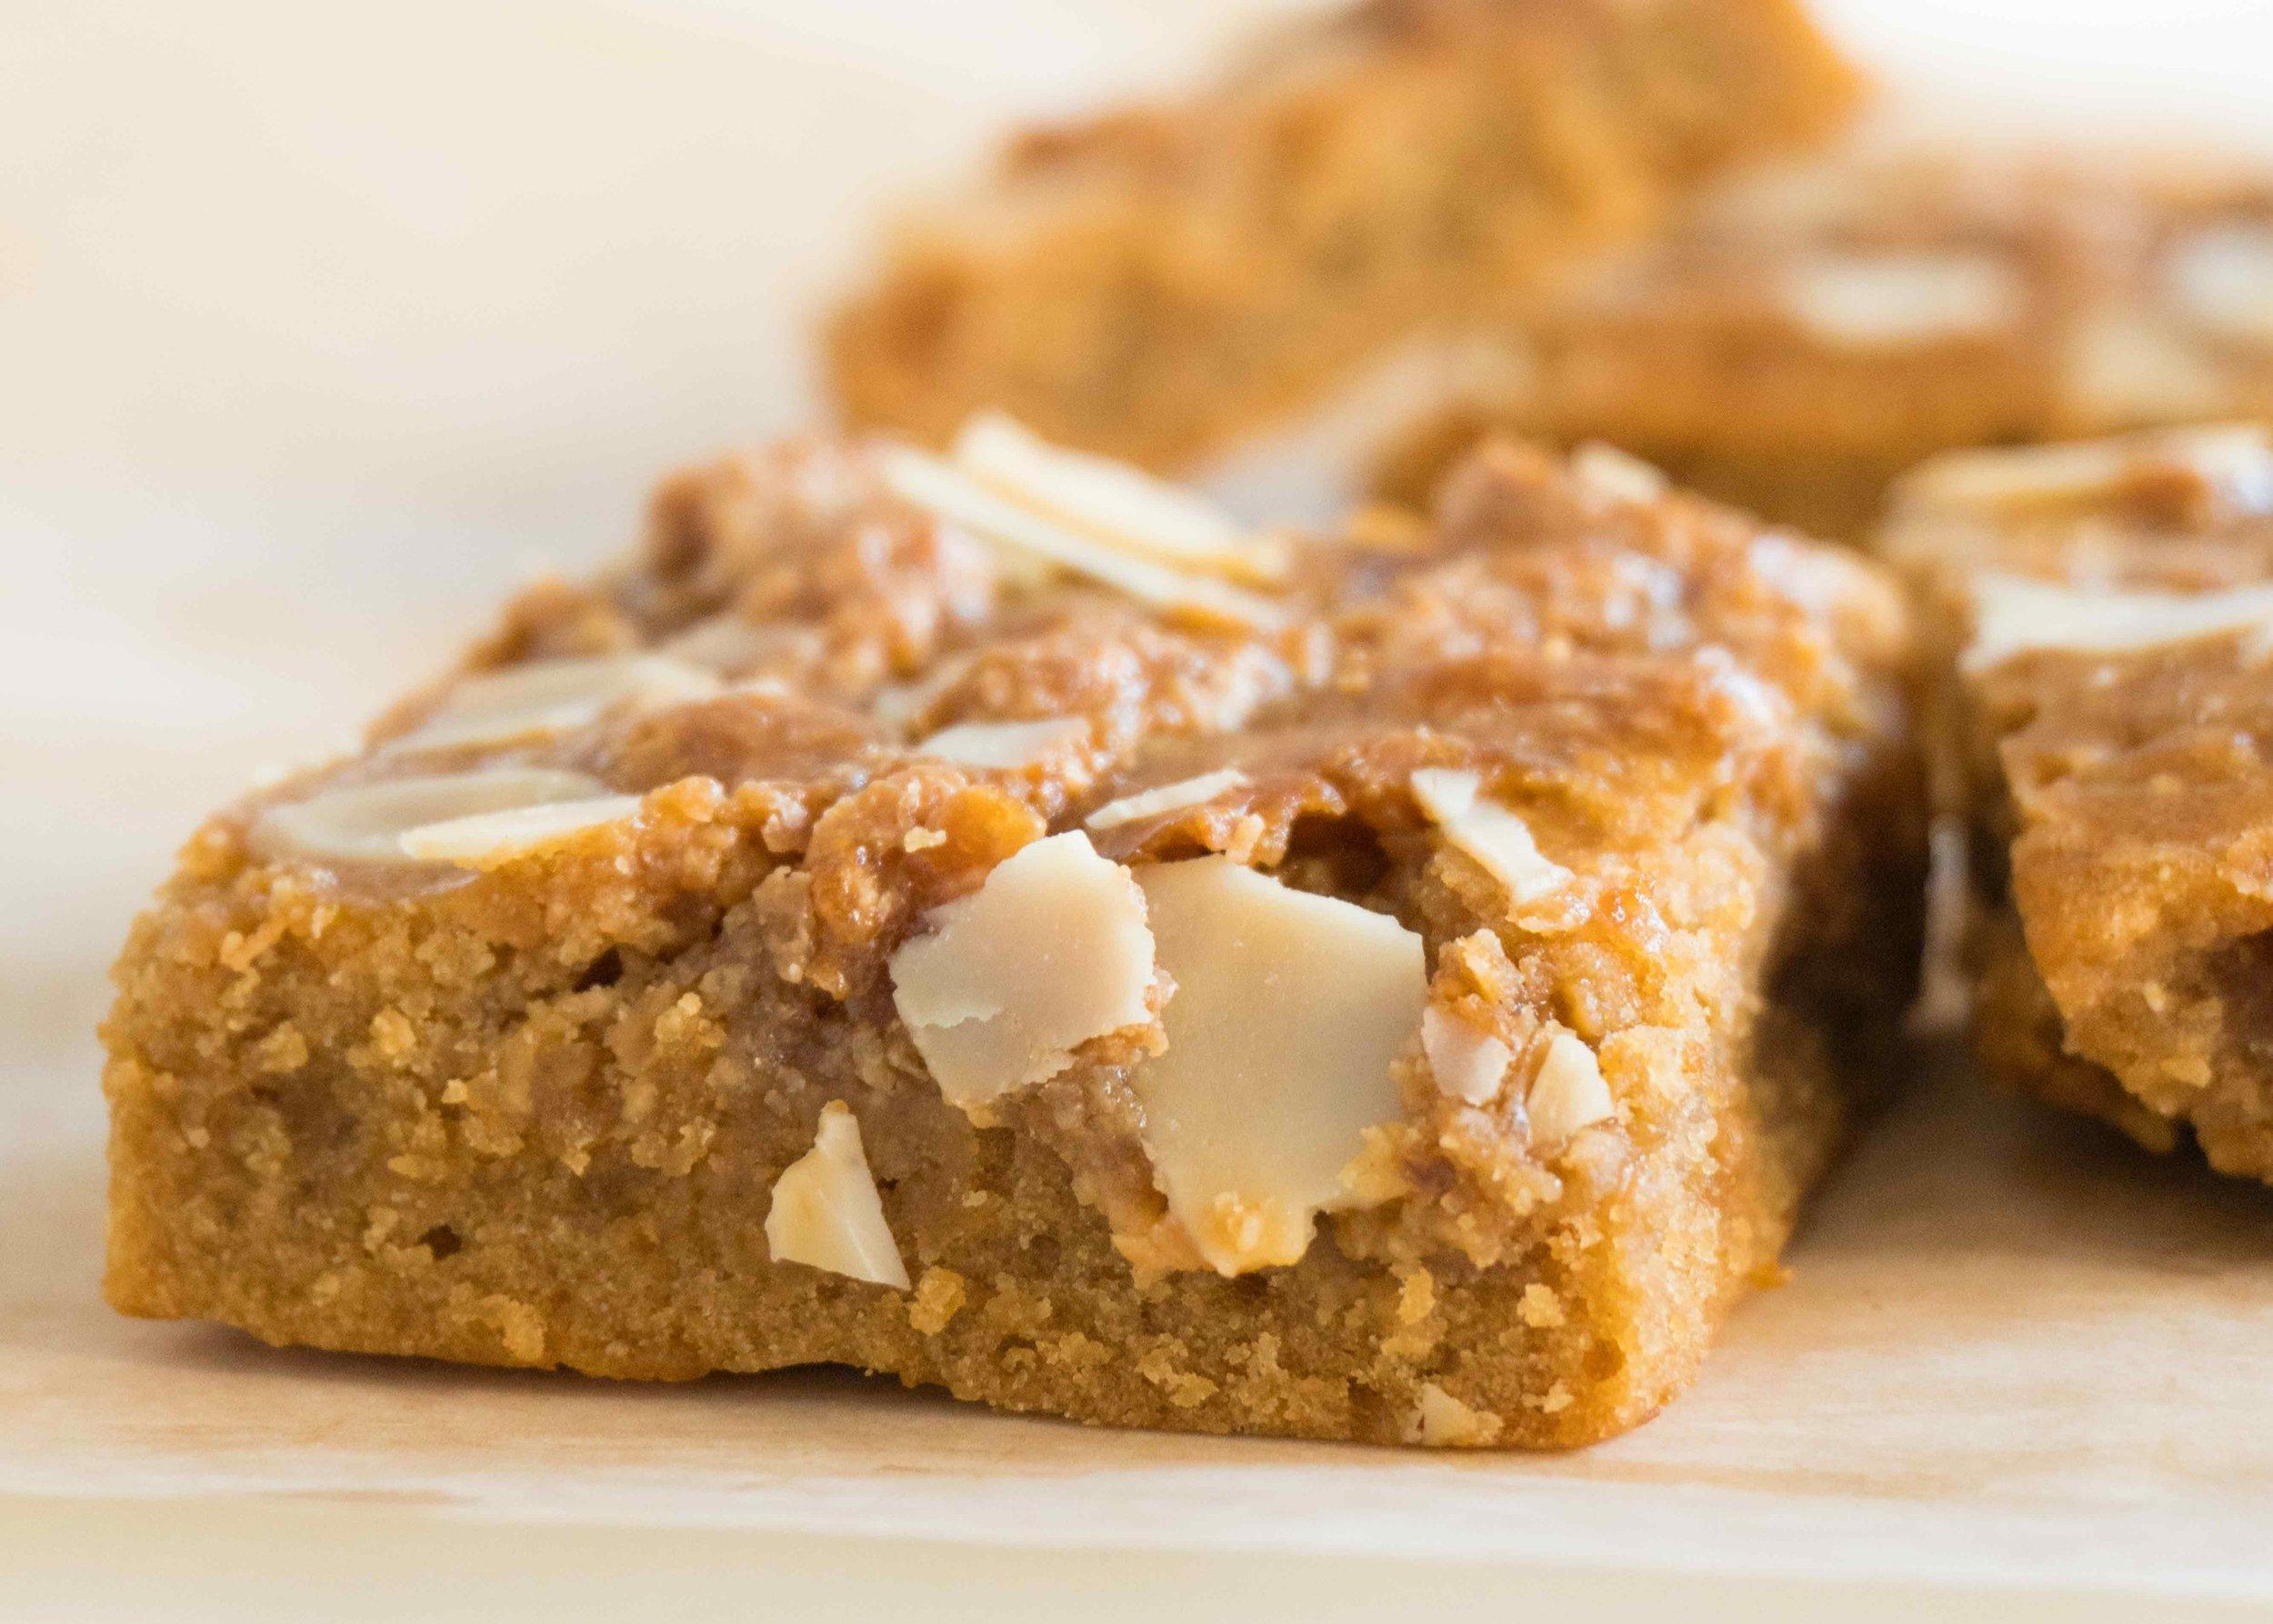 - Maple Almond Crunch Blondie